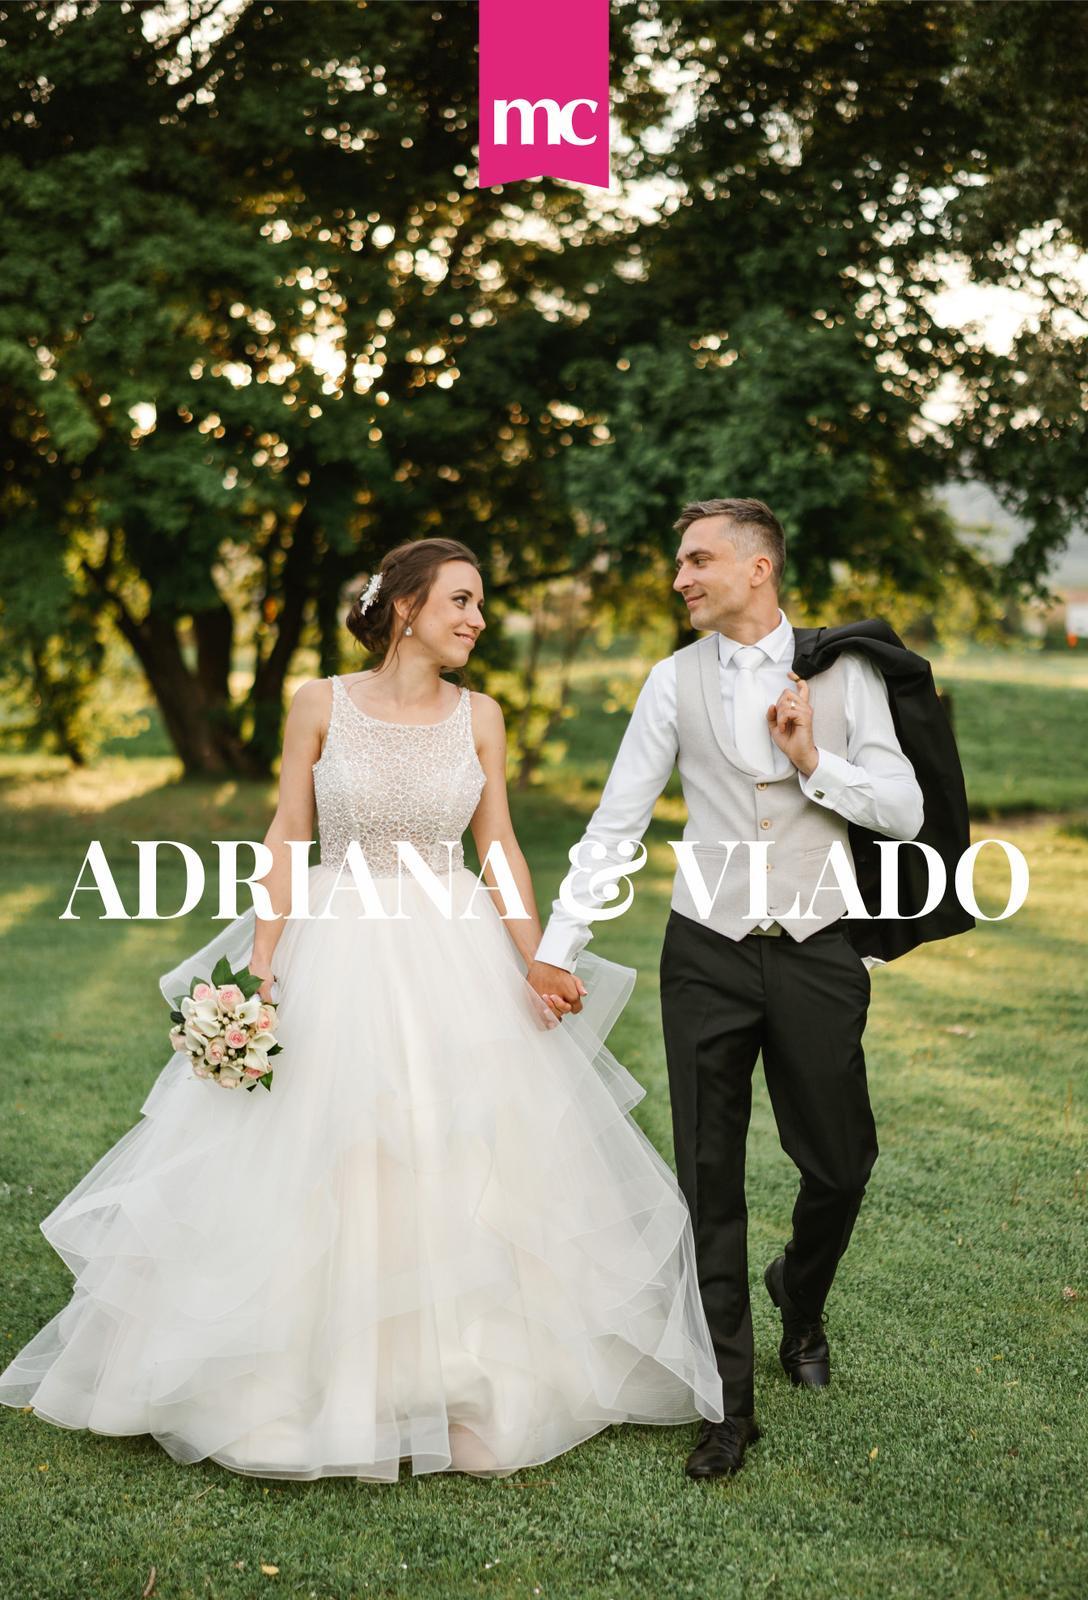 Adriana & Vlado @ Hotel Agátka - Obrázok č. 1